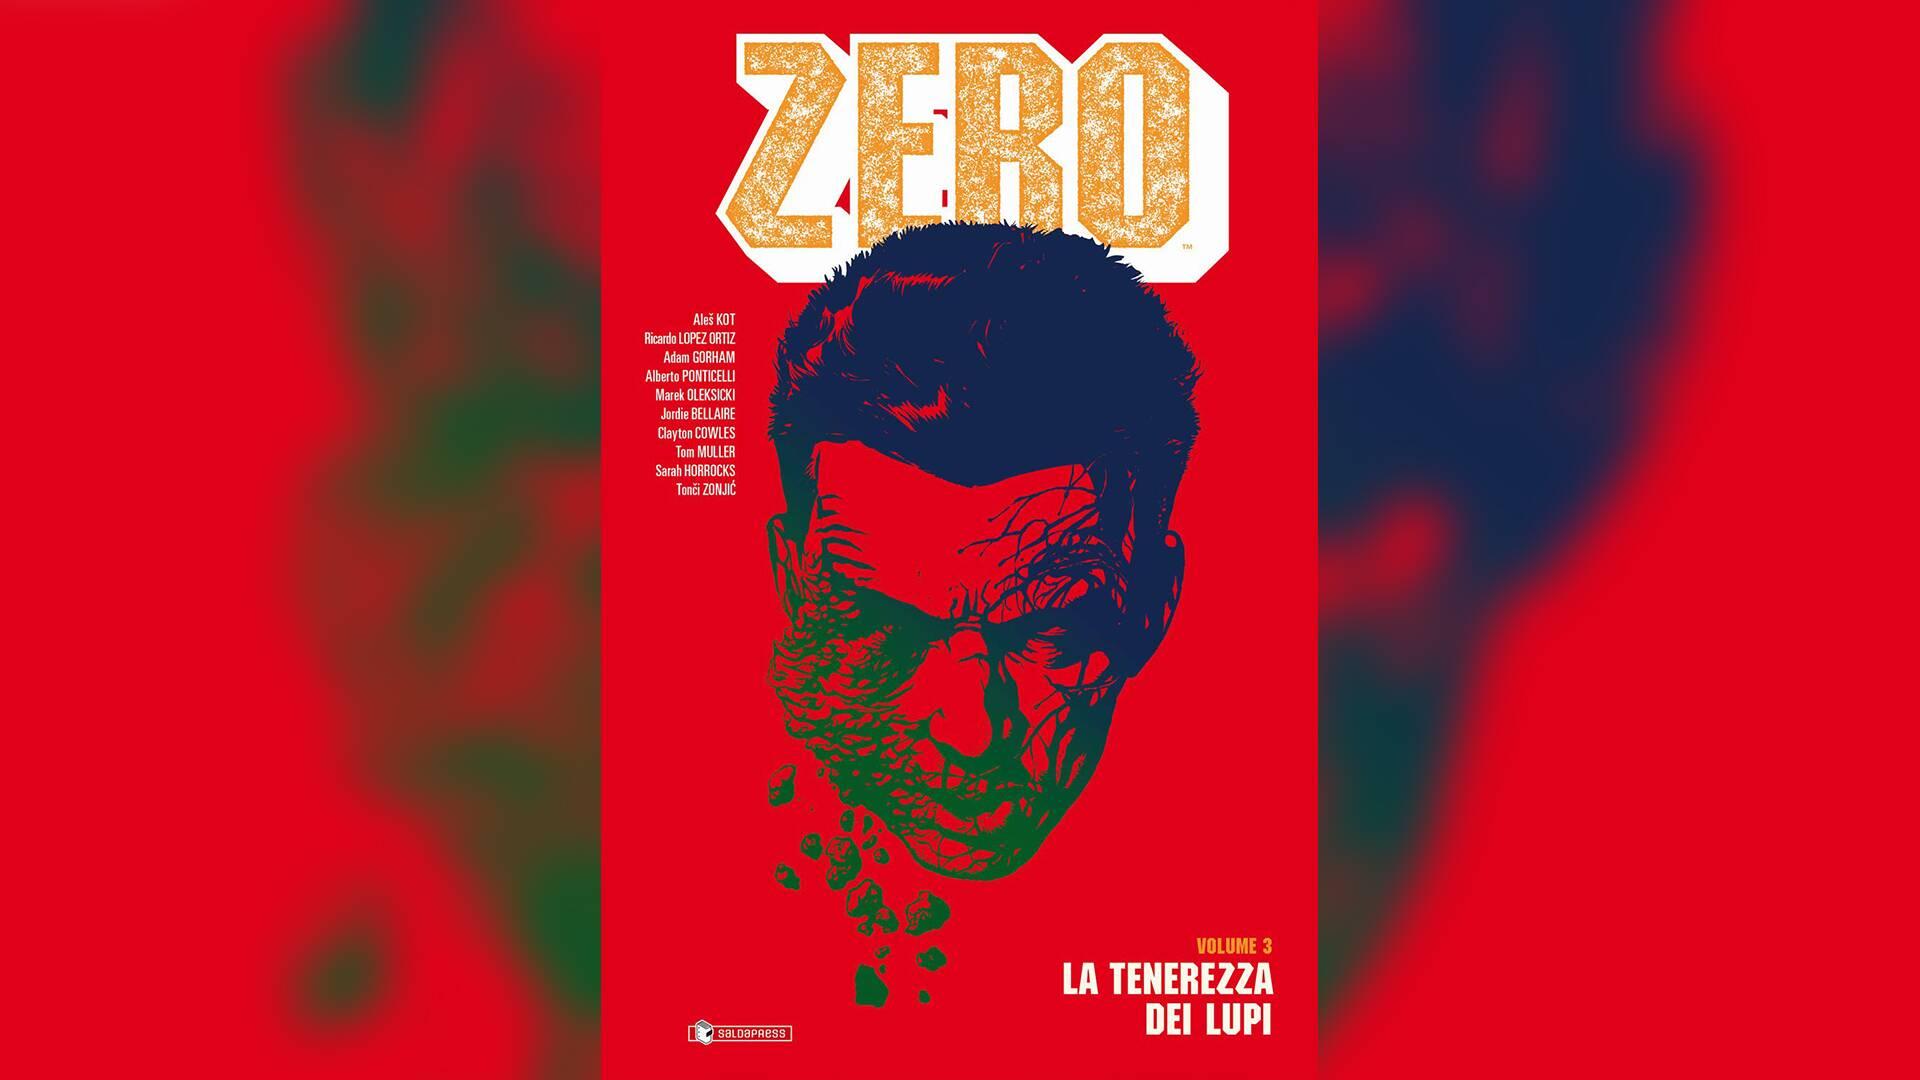 Zero Vol. 3 – La Tenerezza dei Lupi